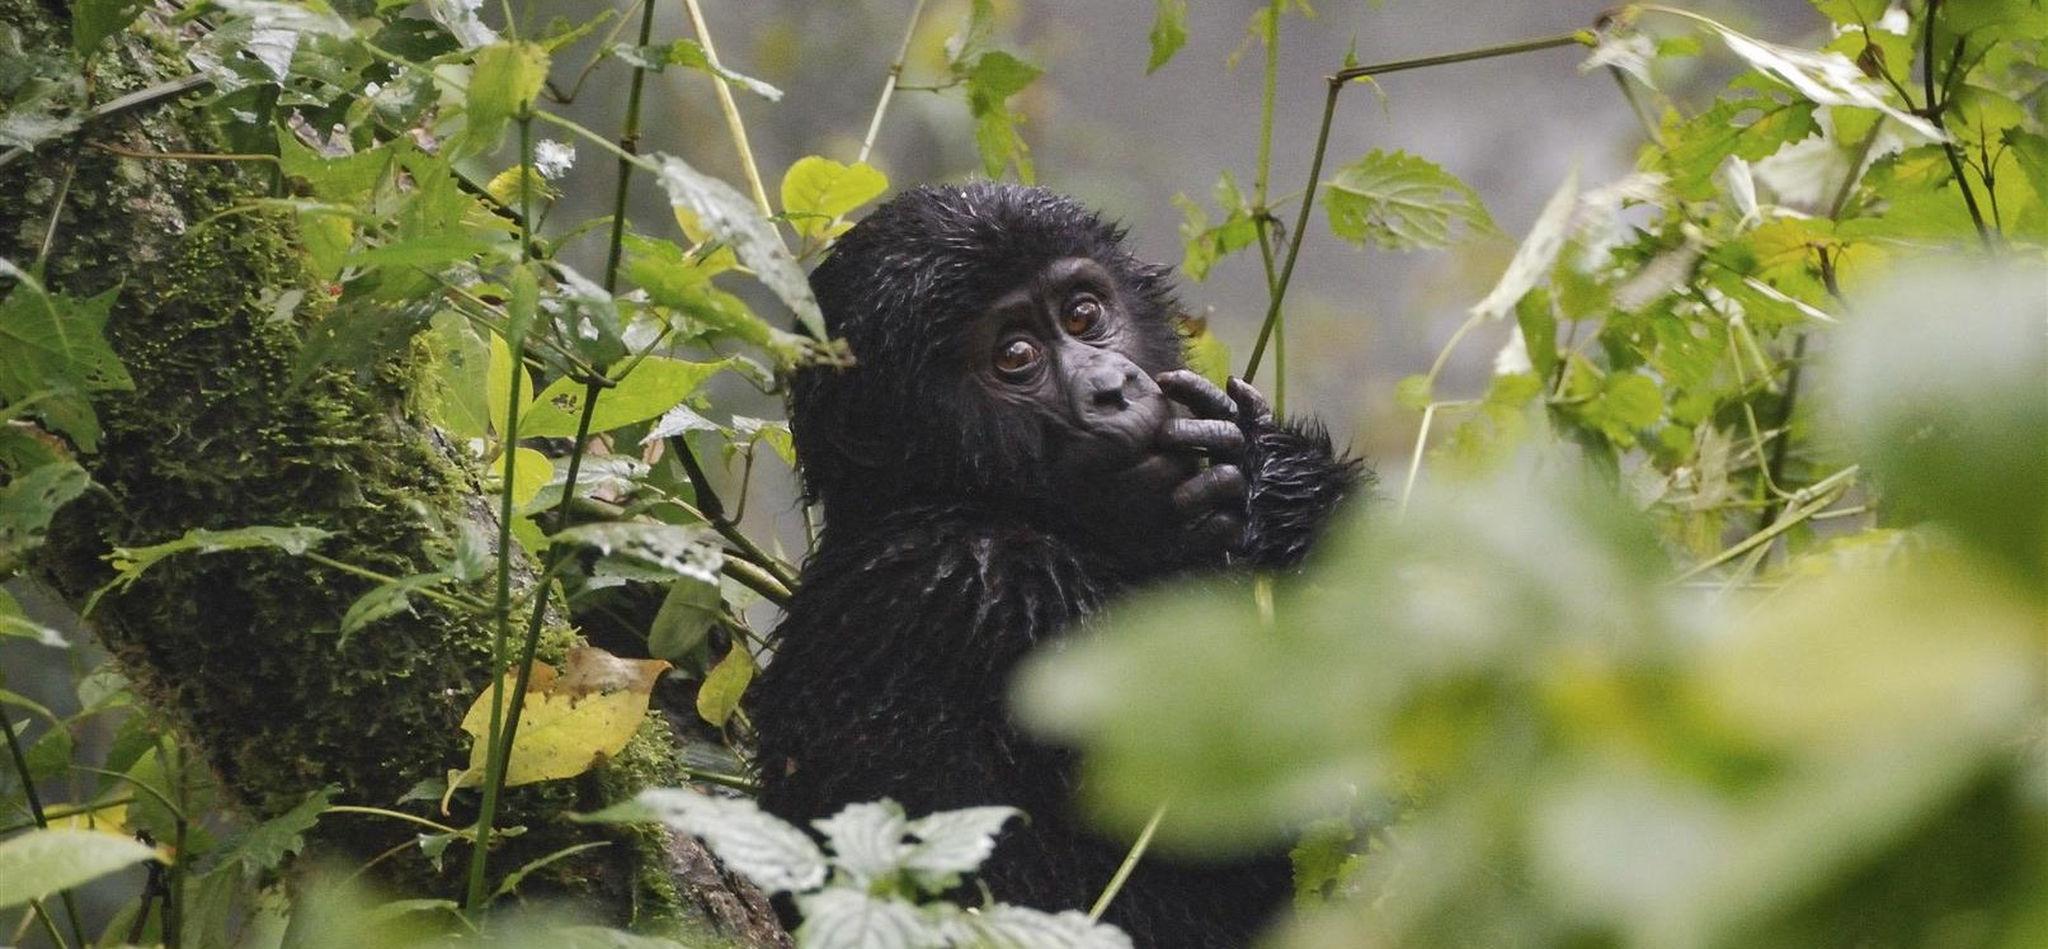 Cría de gorila en el Parque Nacional de la Selva Impenetrable de Bwindi